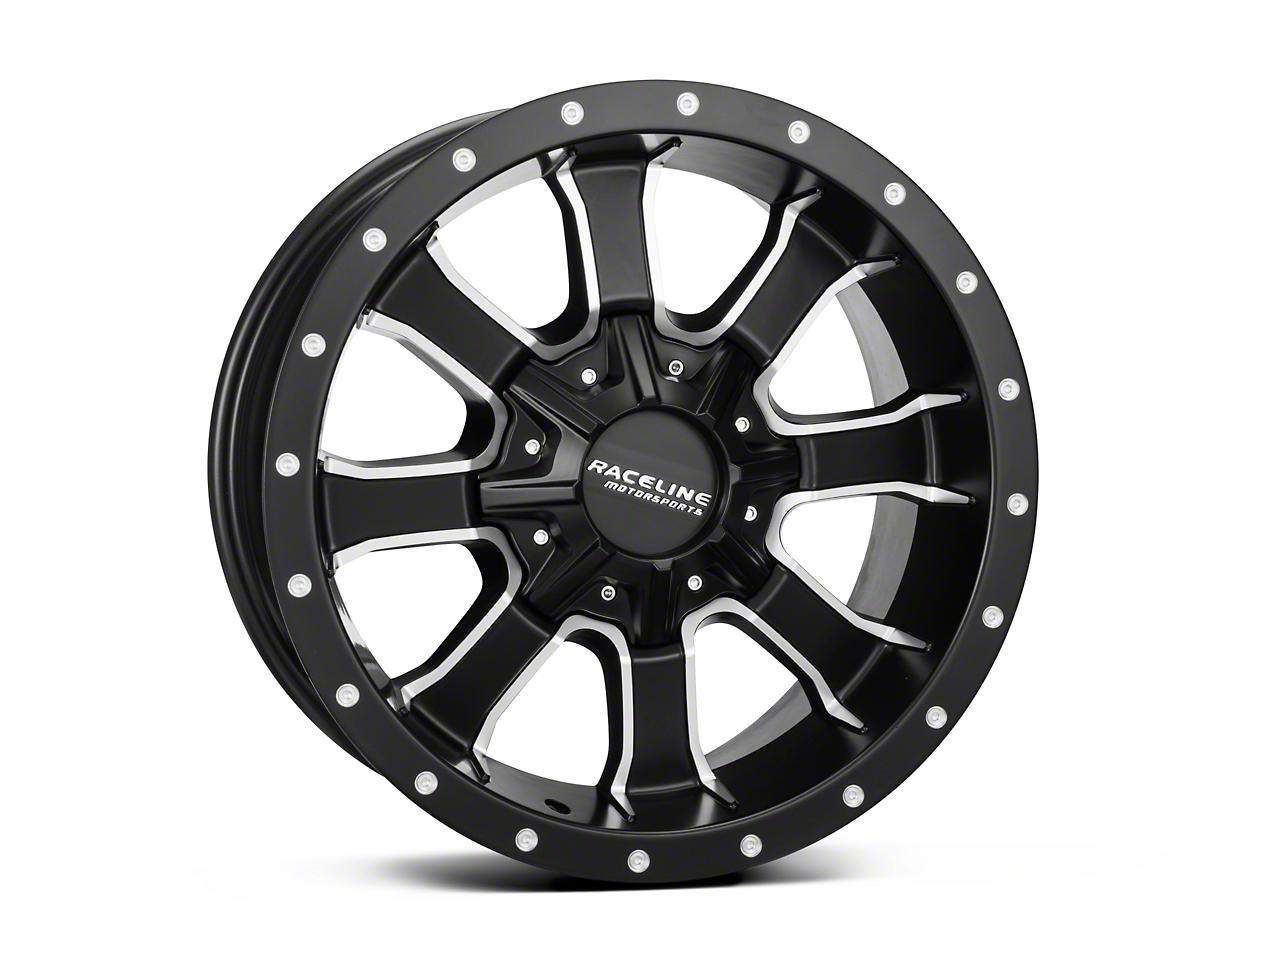 Raceline Mamba Black Milled 6-Lug Wheel - 18x9 (04-17 All)